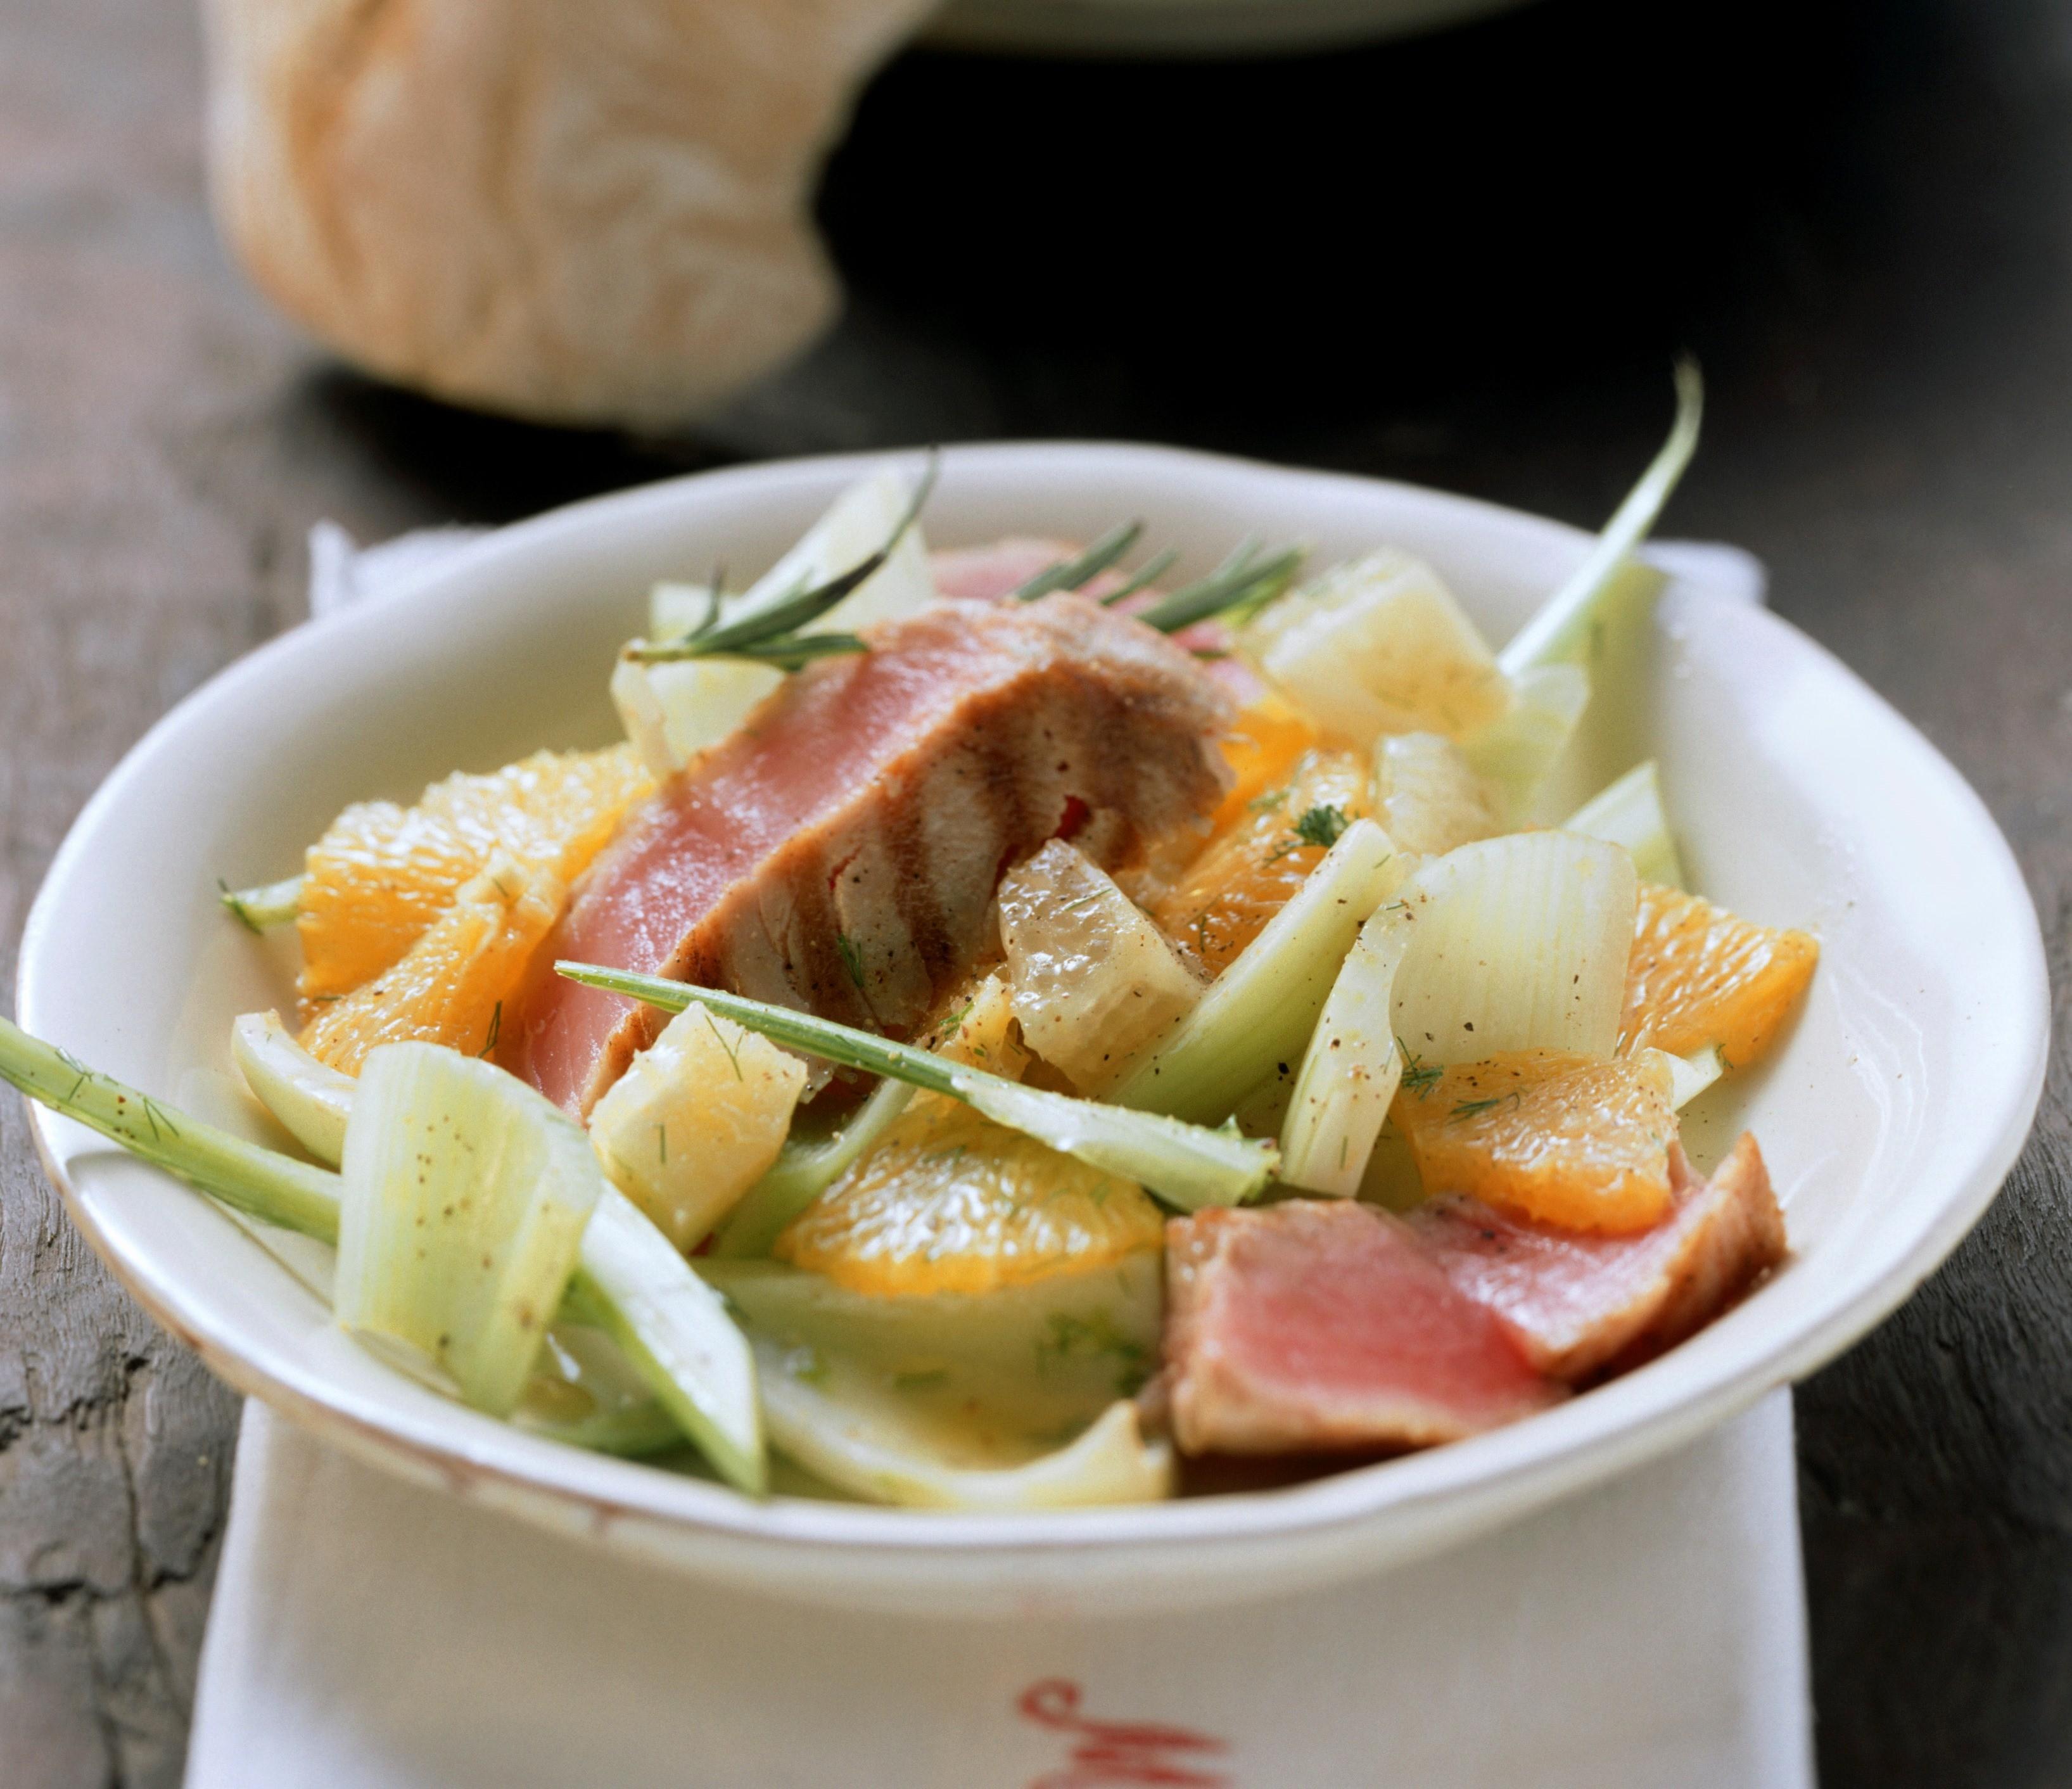 Insalata tonno e agrumi piatto unico agrodolce - Cucinare tonno fresco ...